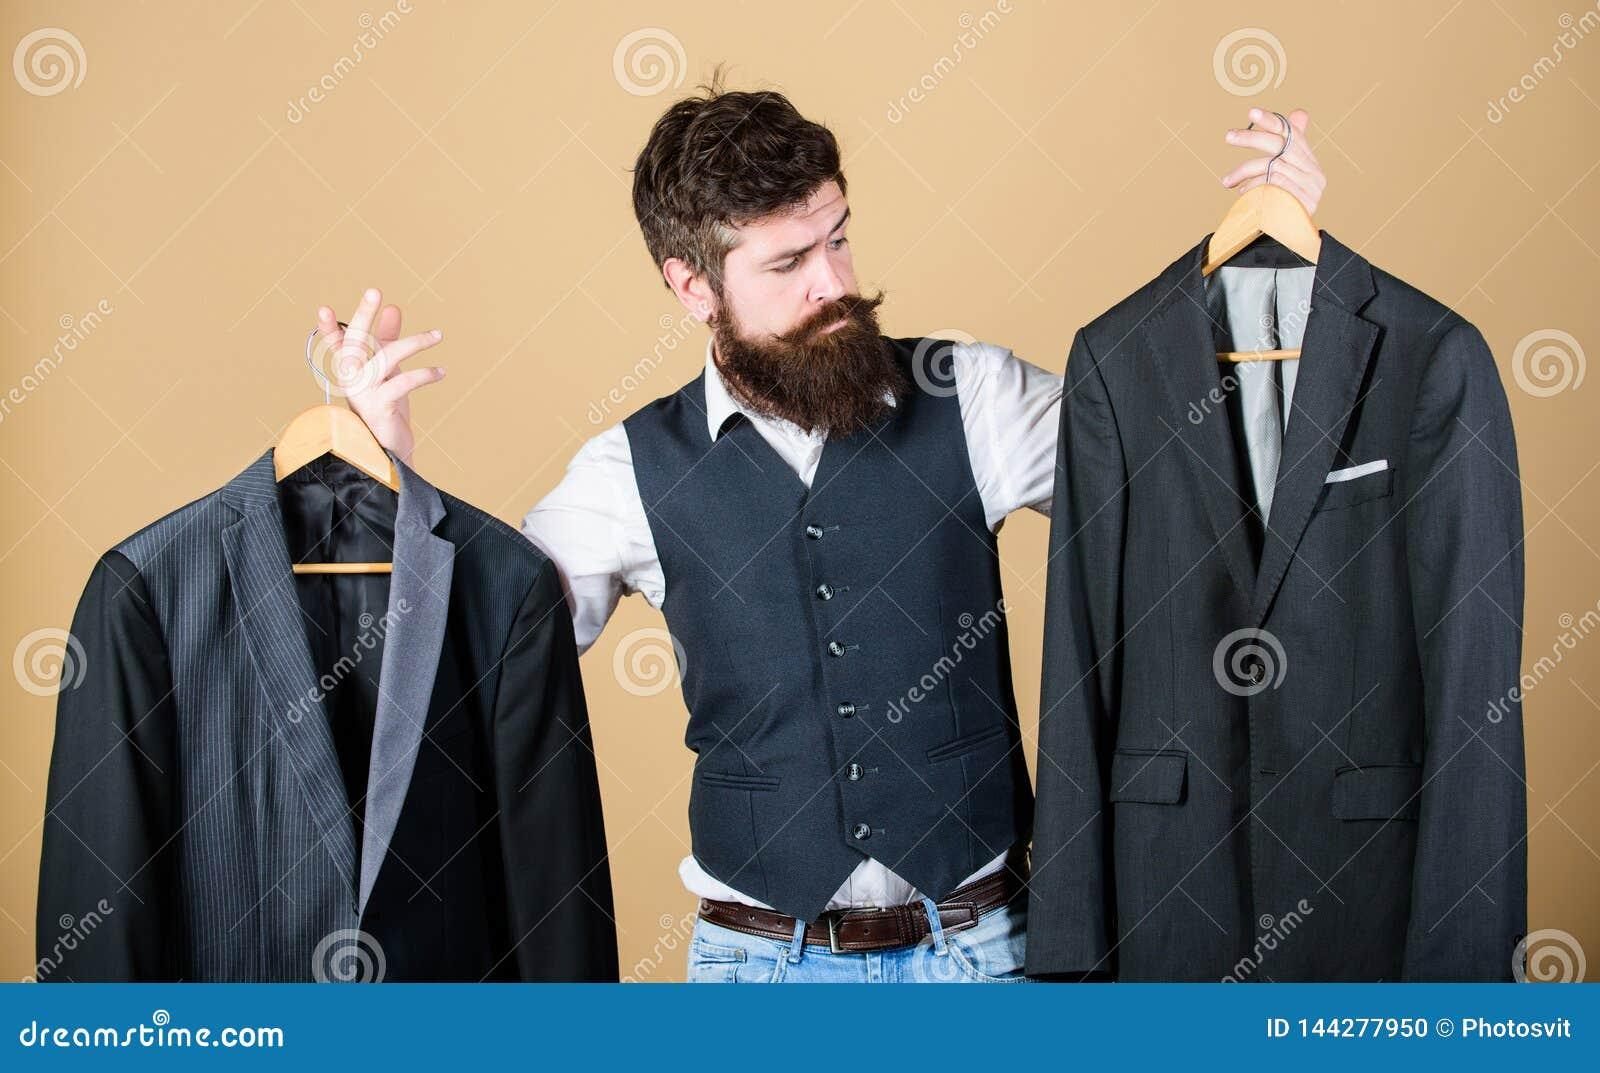 Σχεδιασμός που γίνεται στο κοστούμι μέτρου Επί παραγγελία κοστούμι Πιό couturier ράφτης μόδας ατόμων γενειοφόρος Κομψή εξάρτηση σ